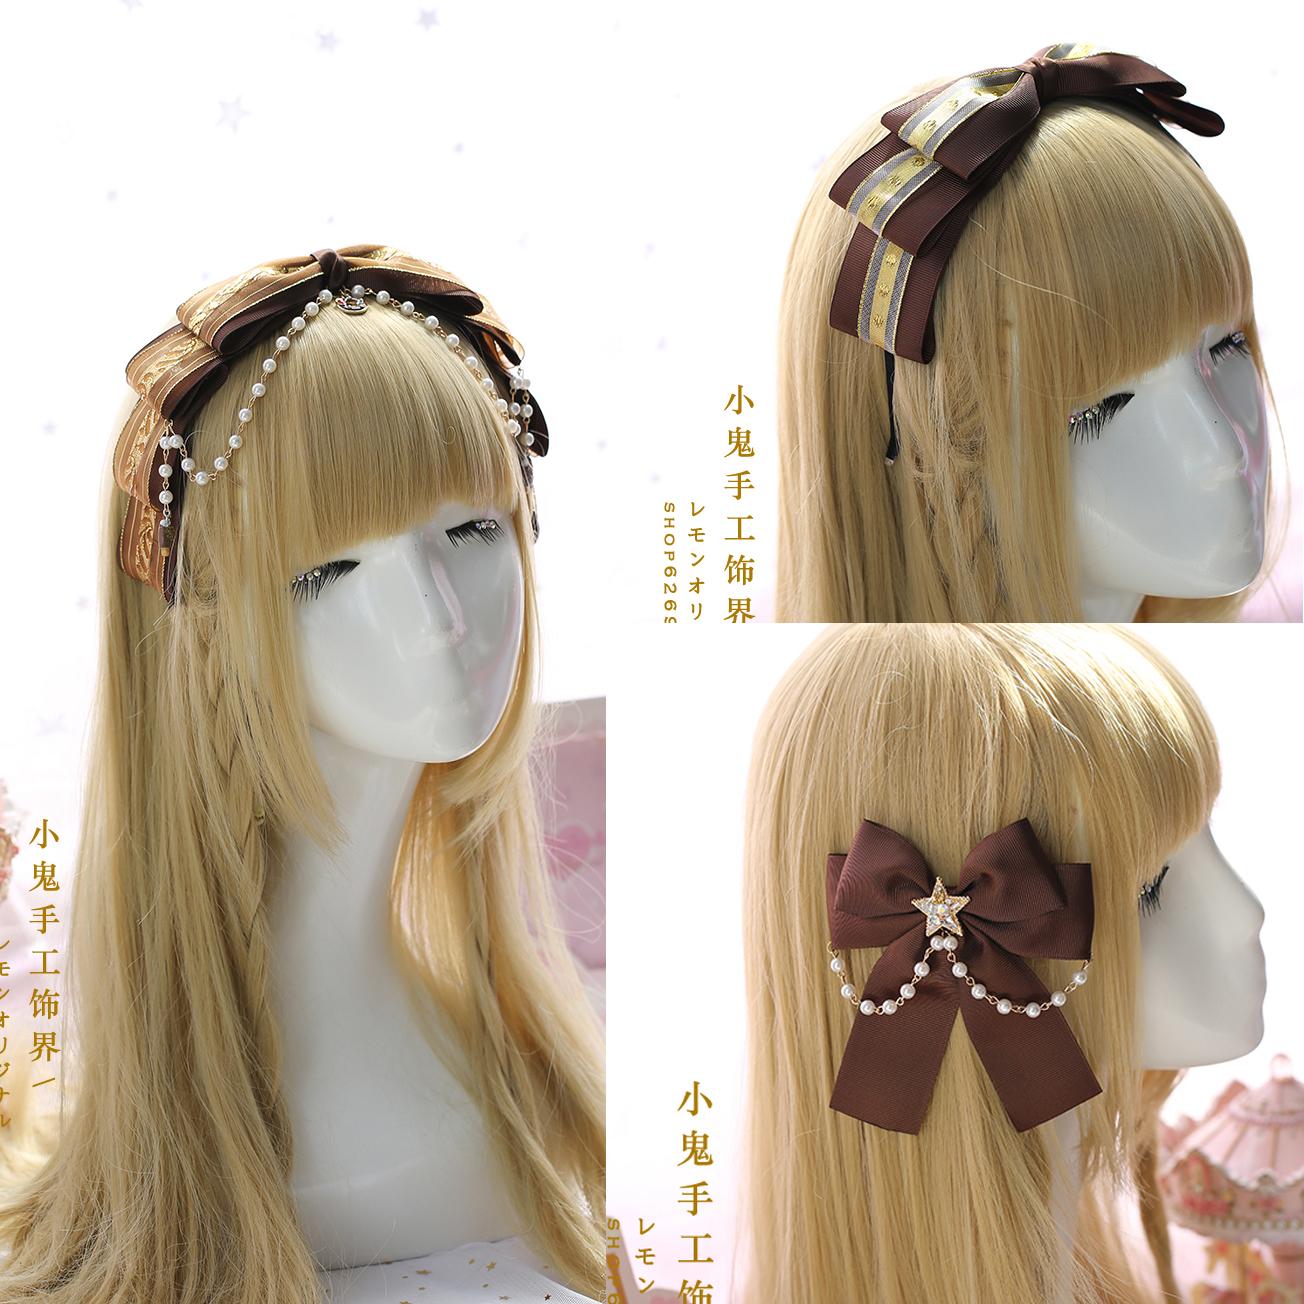 原创lolita洋装软妹小熊边夹发卡发箍发夹头饰咖啡色洛丽塔发饰品